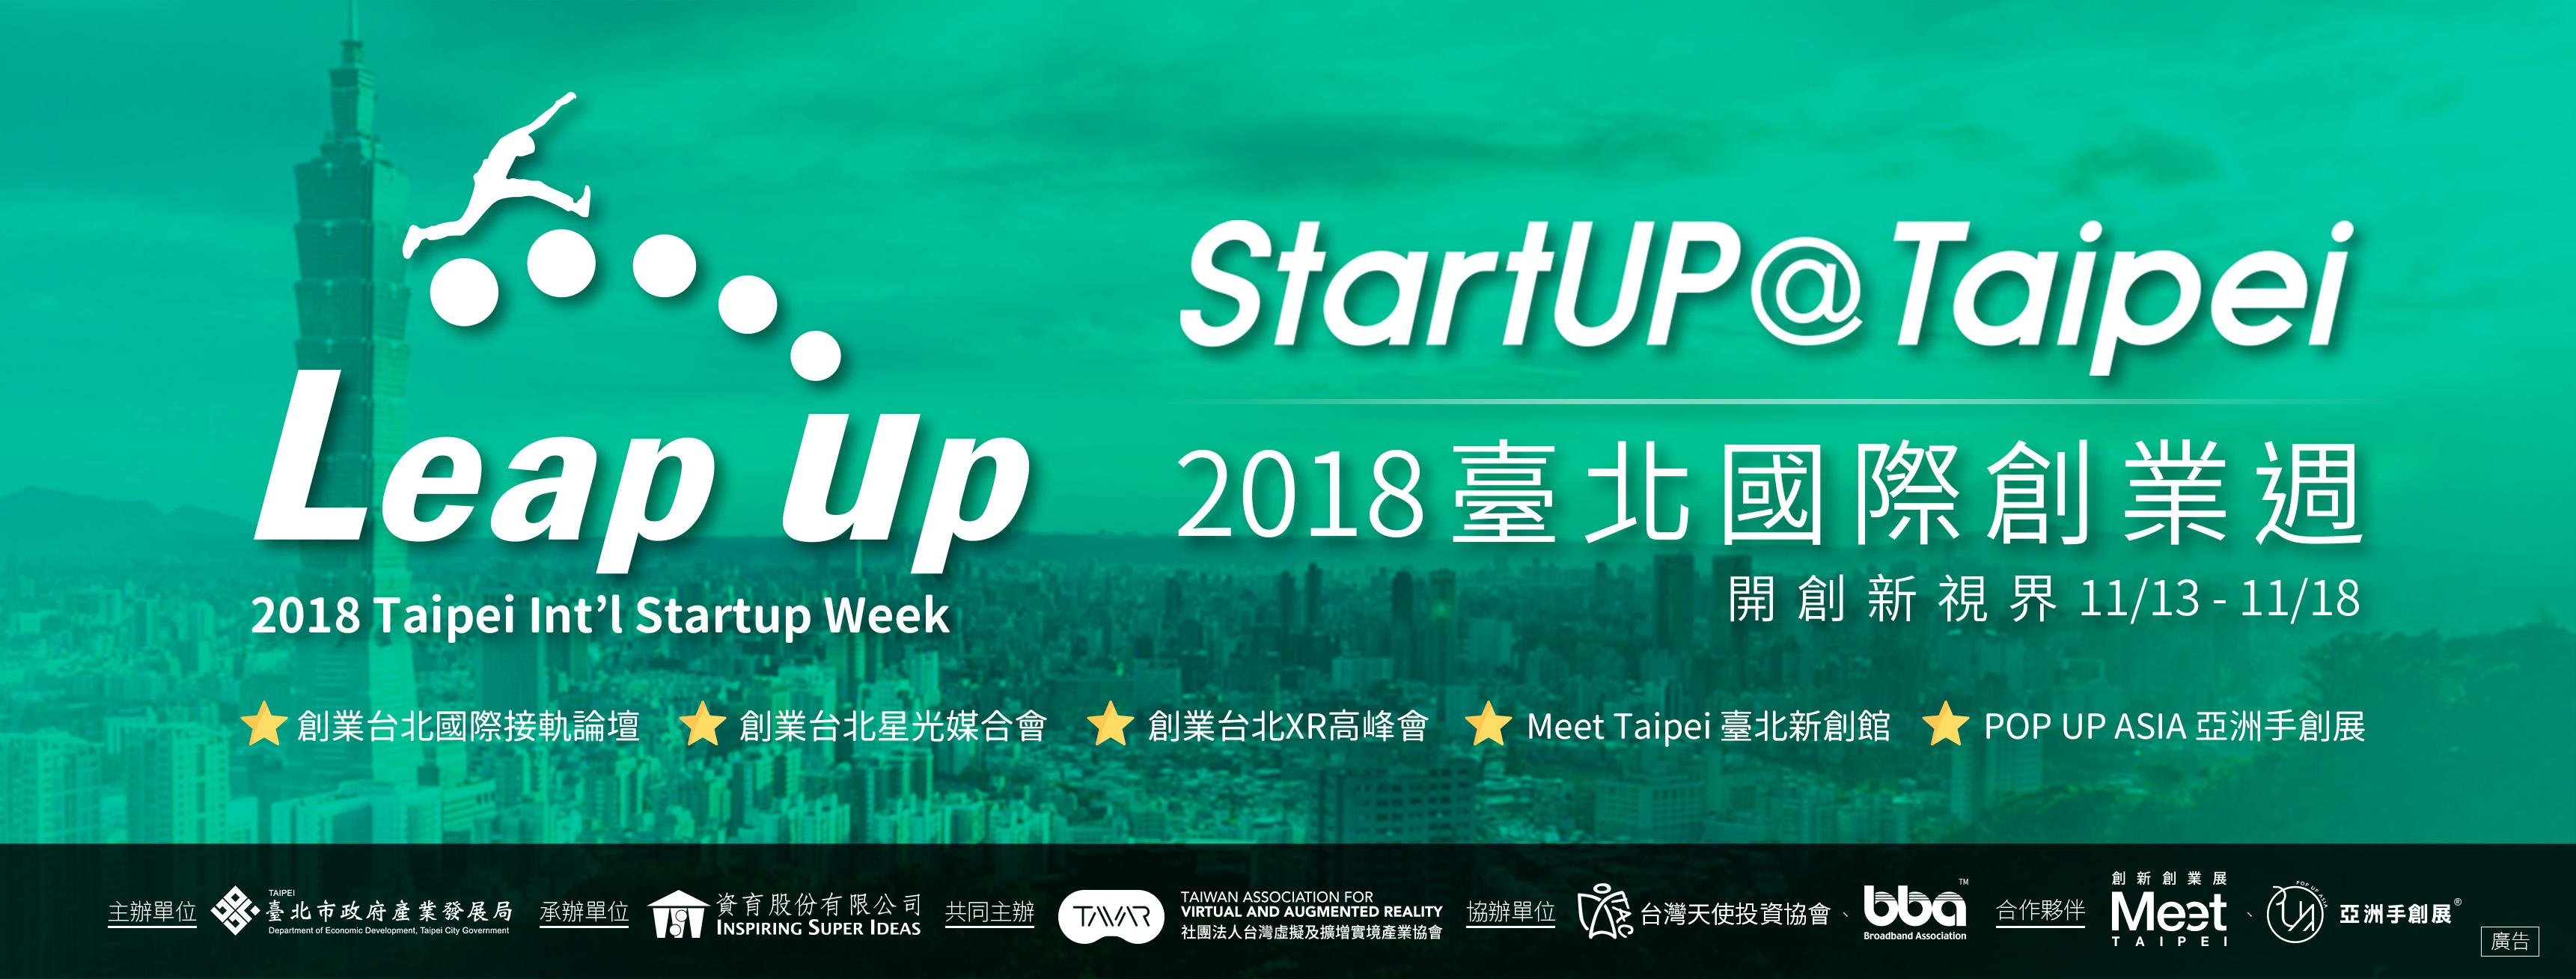 2018 Taipei Int'l Startup Week 11/13 StartUP@Taipei Demo DayImage